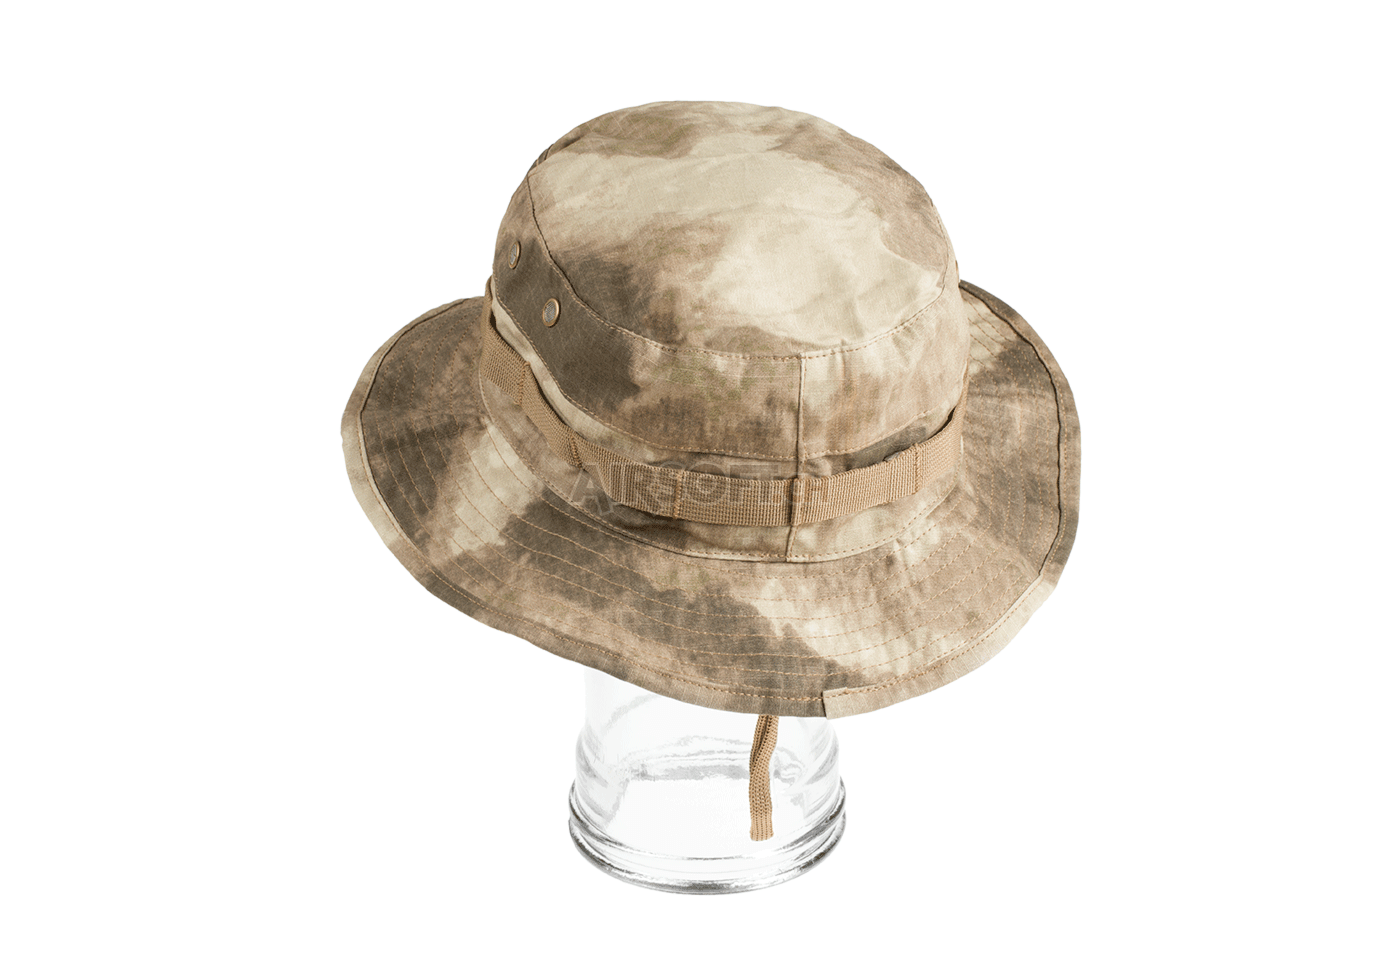 Boonie Hat Stone Desert (Invader Gear) 57   M - Boonies - Kopfbedeckungen -  Bekleidung - airsoft.ch Onlineshop 3eabb7a4be46